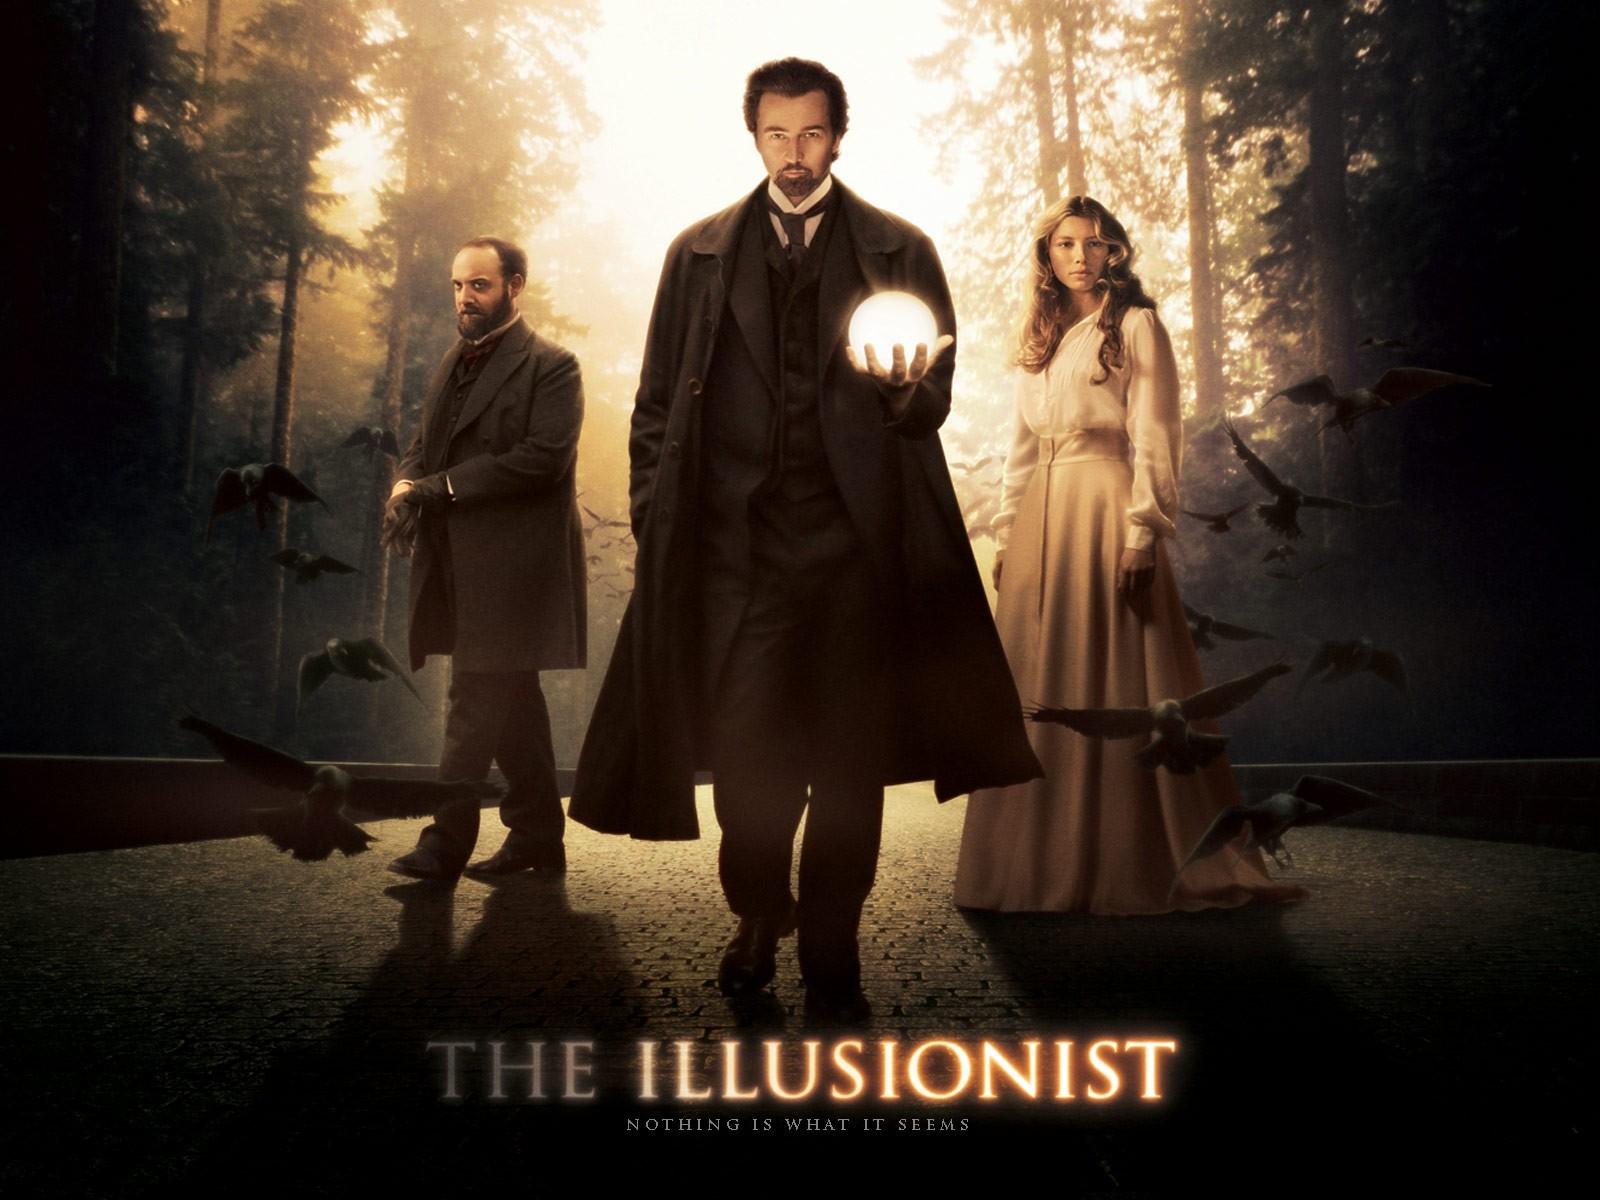 Wallpaper del film The Illusionist